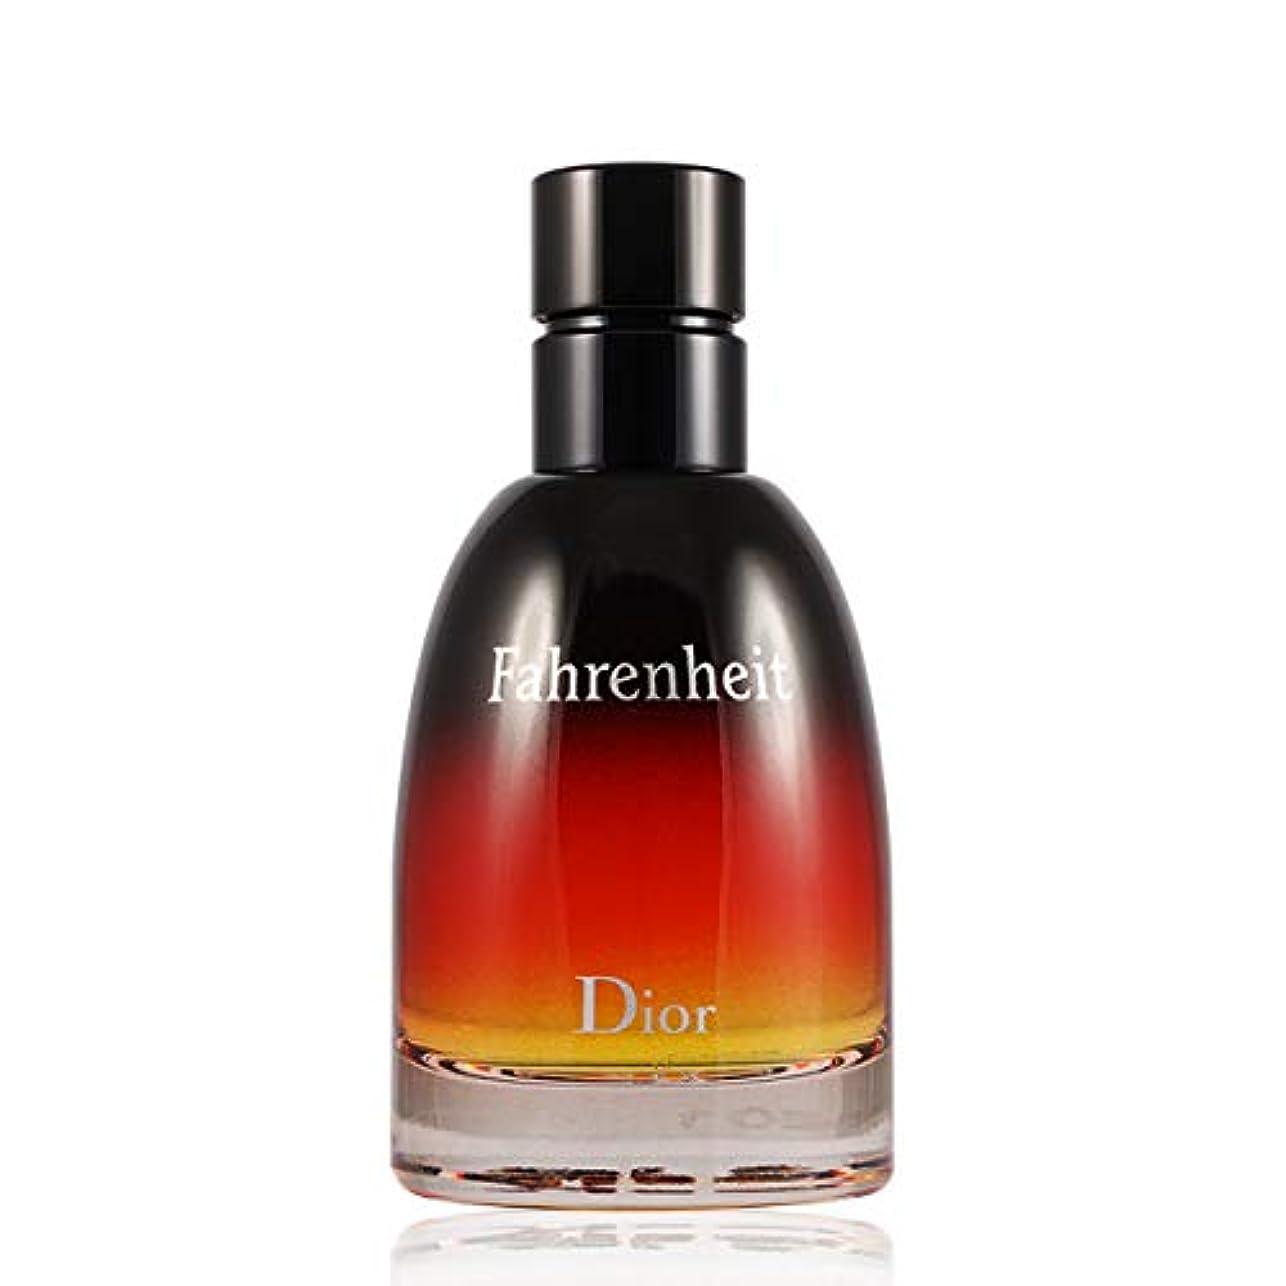 素敵な格差協定クリスチャン ディオール(Christian Dior) ファーレンハイト ル パルファン EDP SP 75ml[並行輸入品]